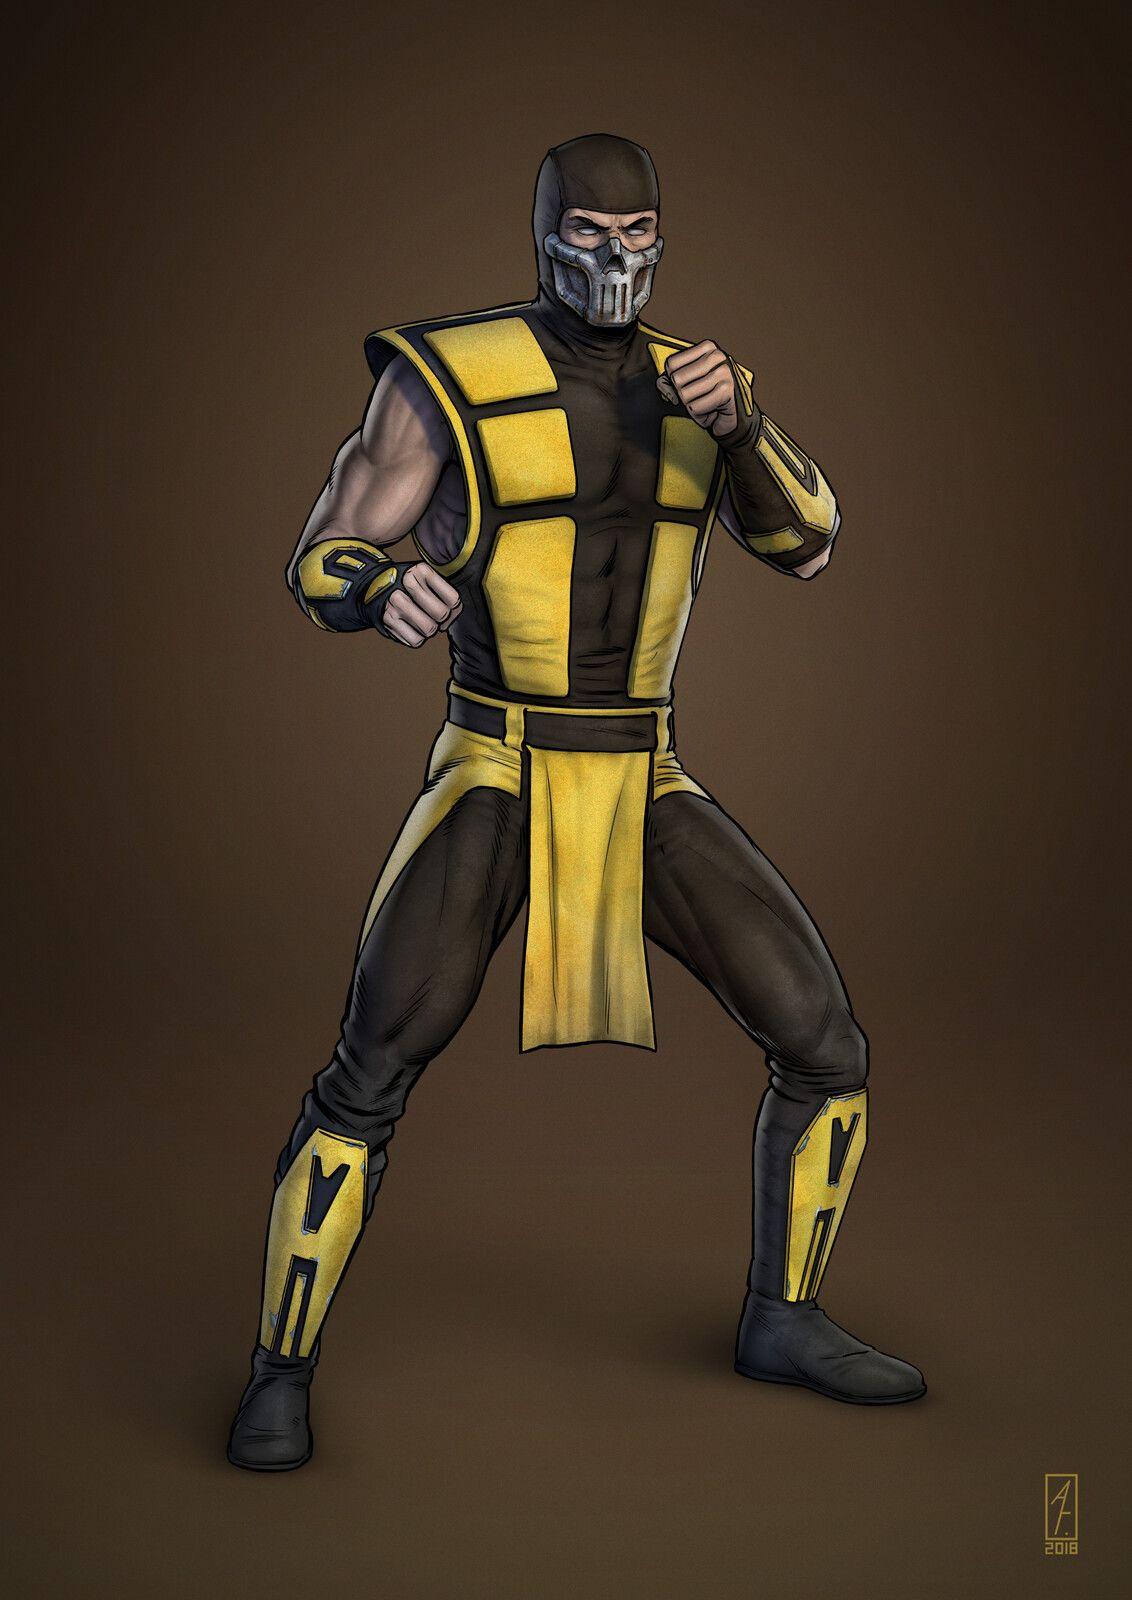 Scorpion Mortal Kombat 3 Ultimate Andrey Gorkovenko On Artstation